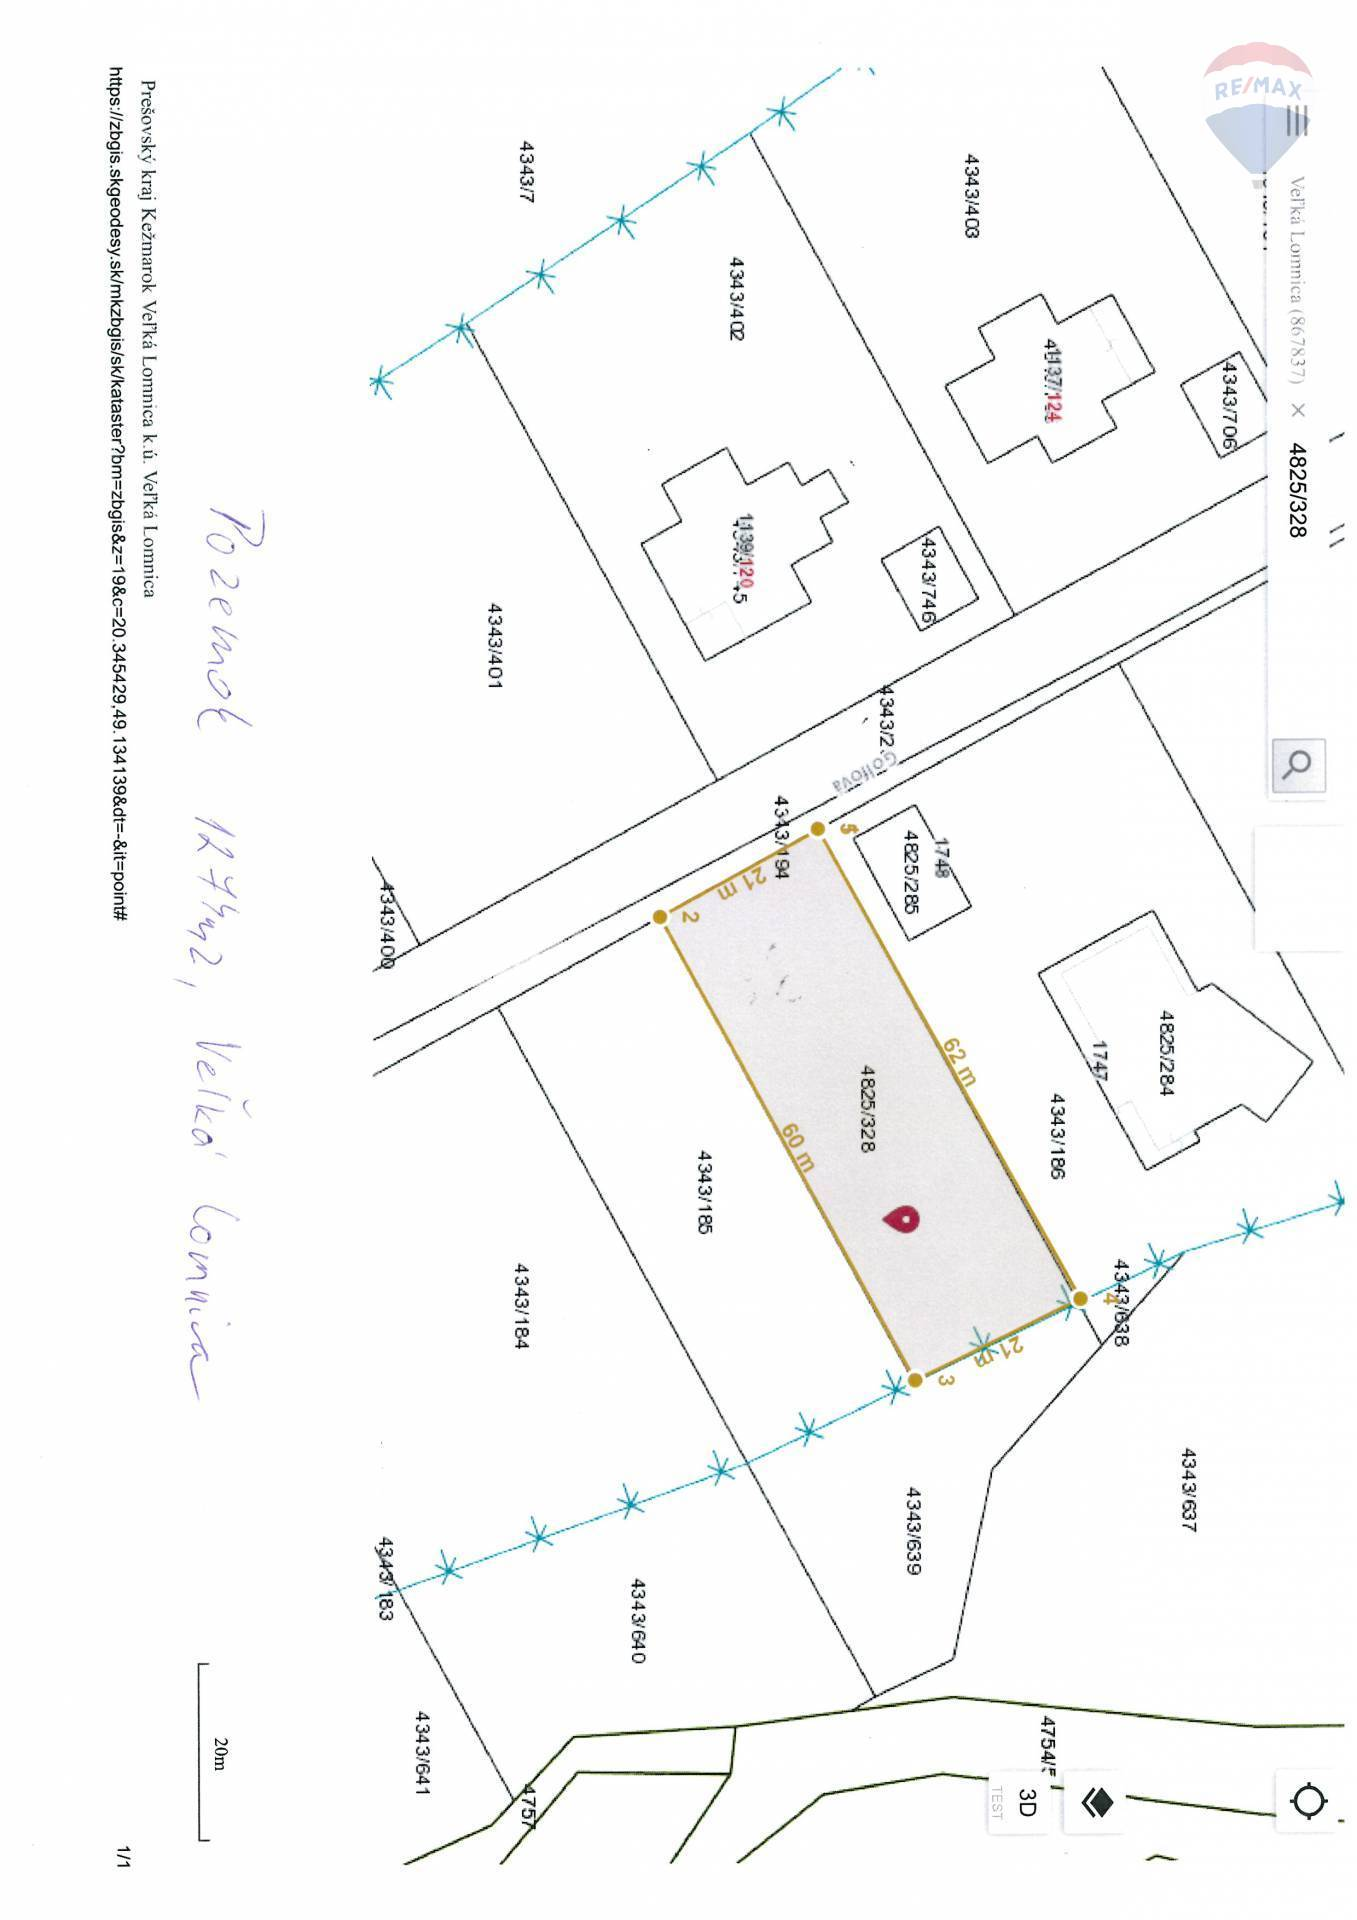 Predaj pozemku 1274 m2, Veľká Lomnica - rozmer pozemku 1274 m2 Veľká Lomnica